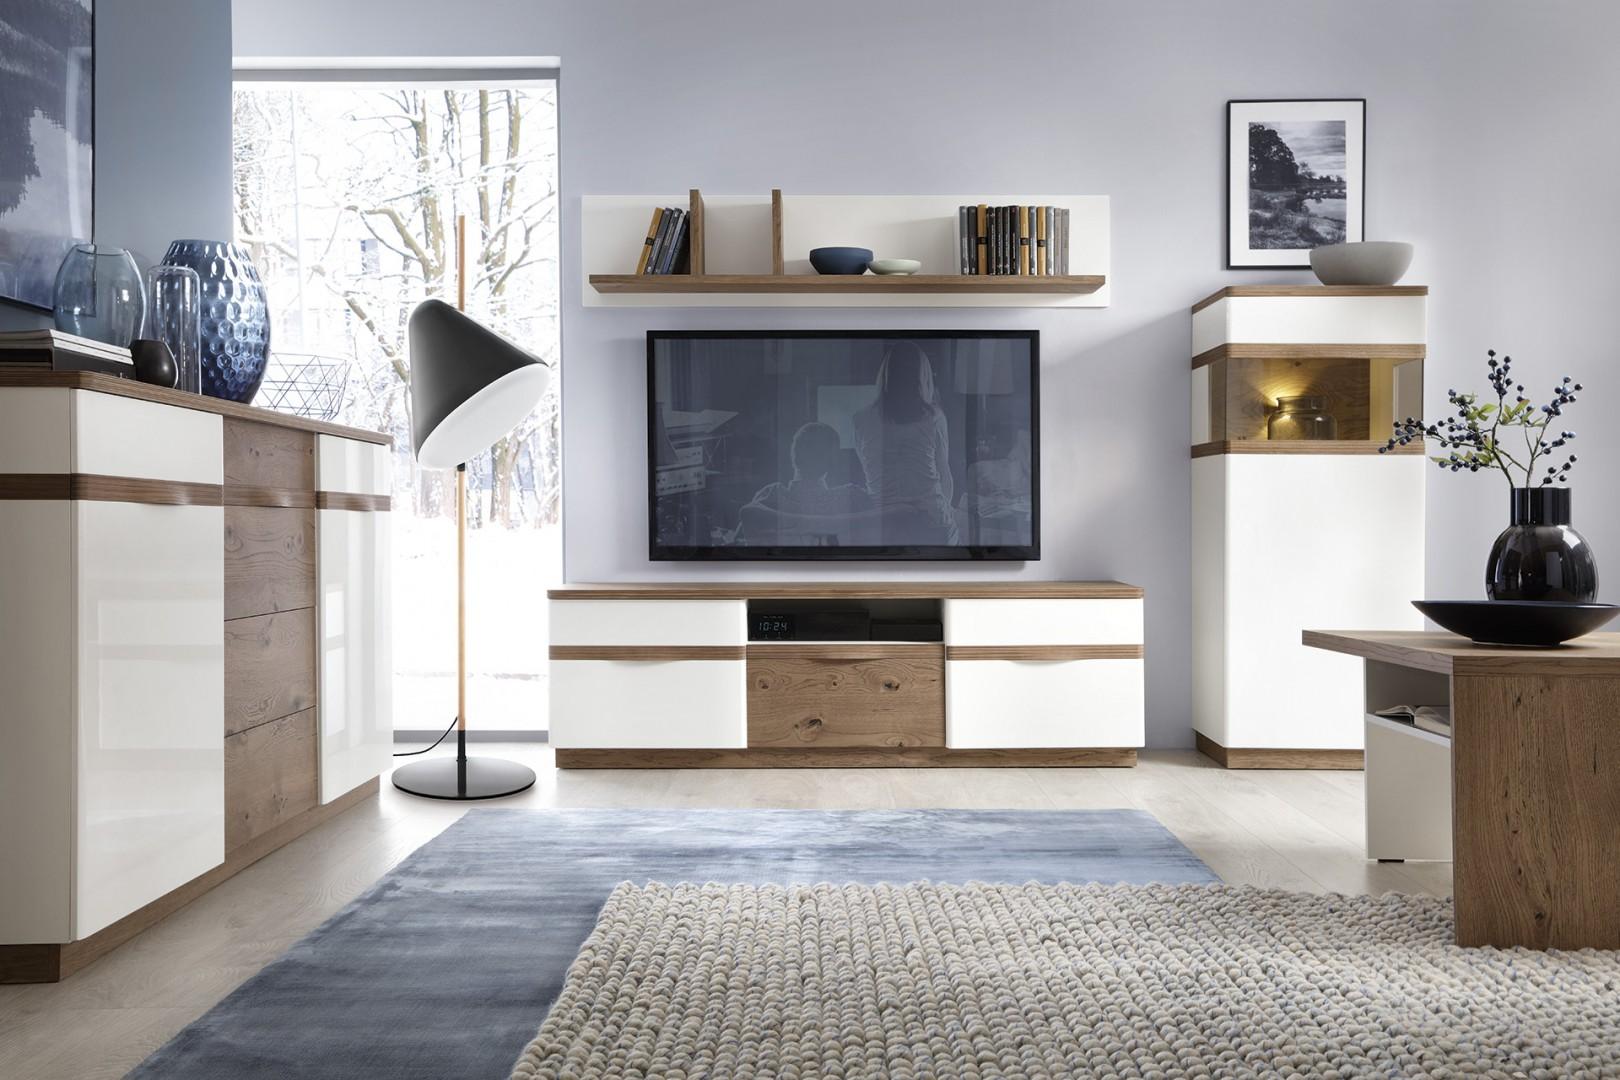 Kolekcja Como to białe meble ocieplone drewnem.  Szafka RTV posiada otwartą półkę na dekoder. Fot. Taranko